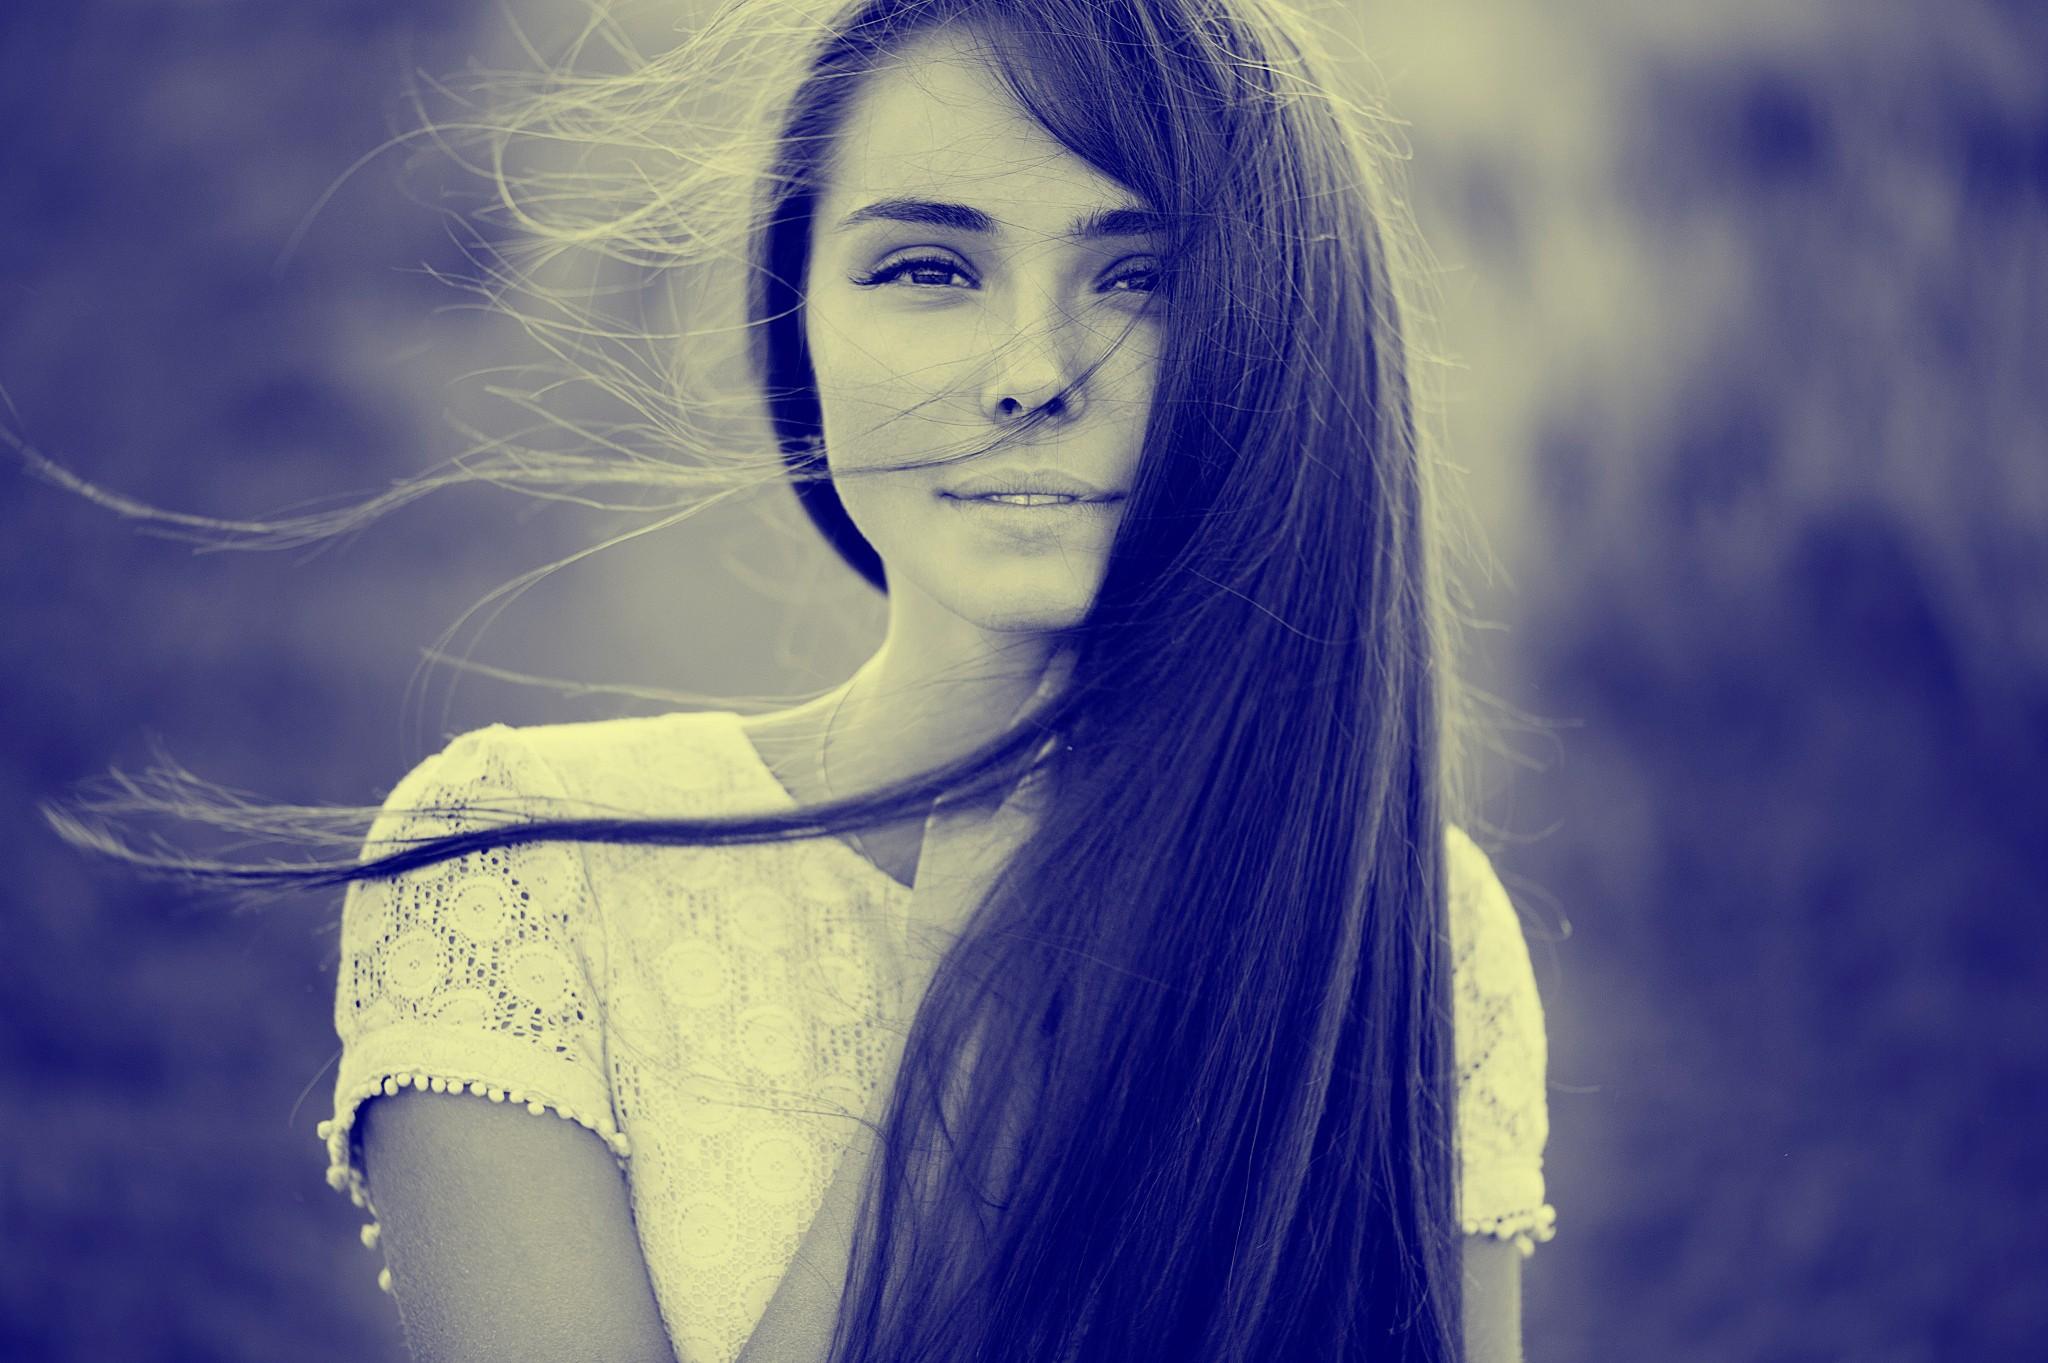 Фото девушки на аву лет